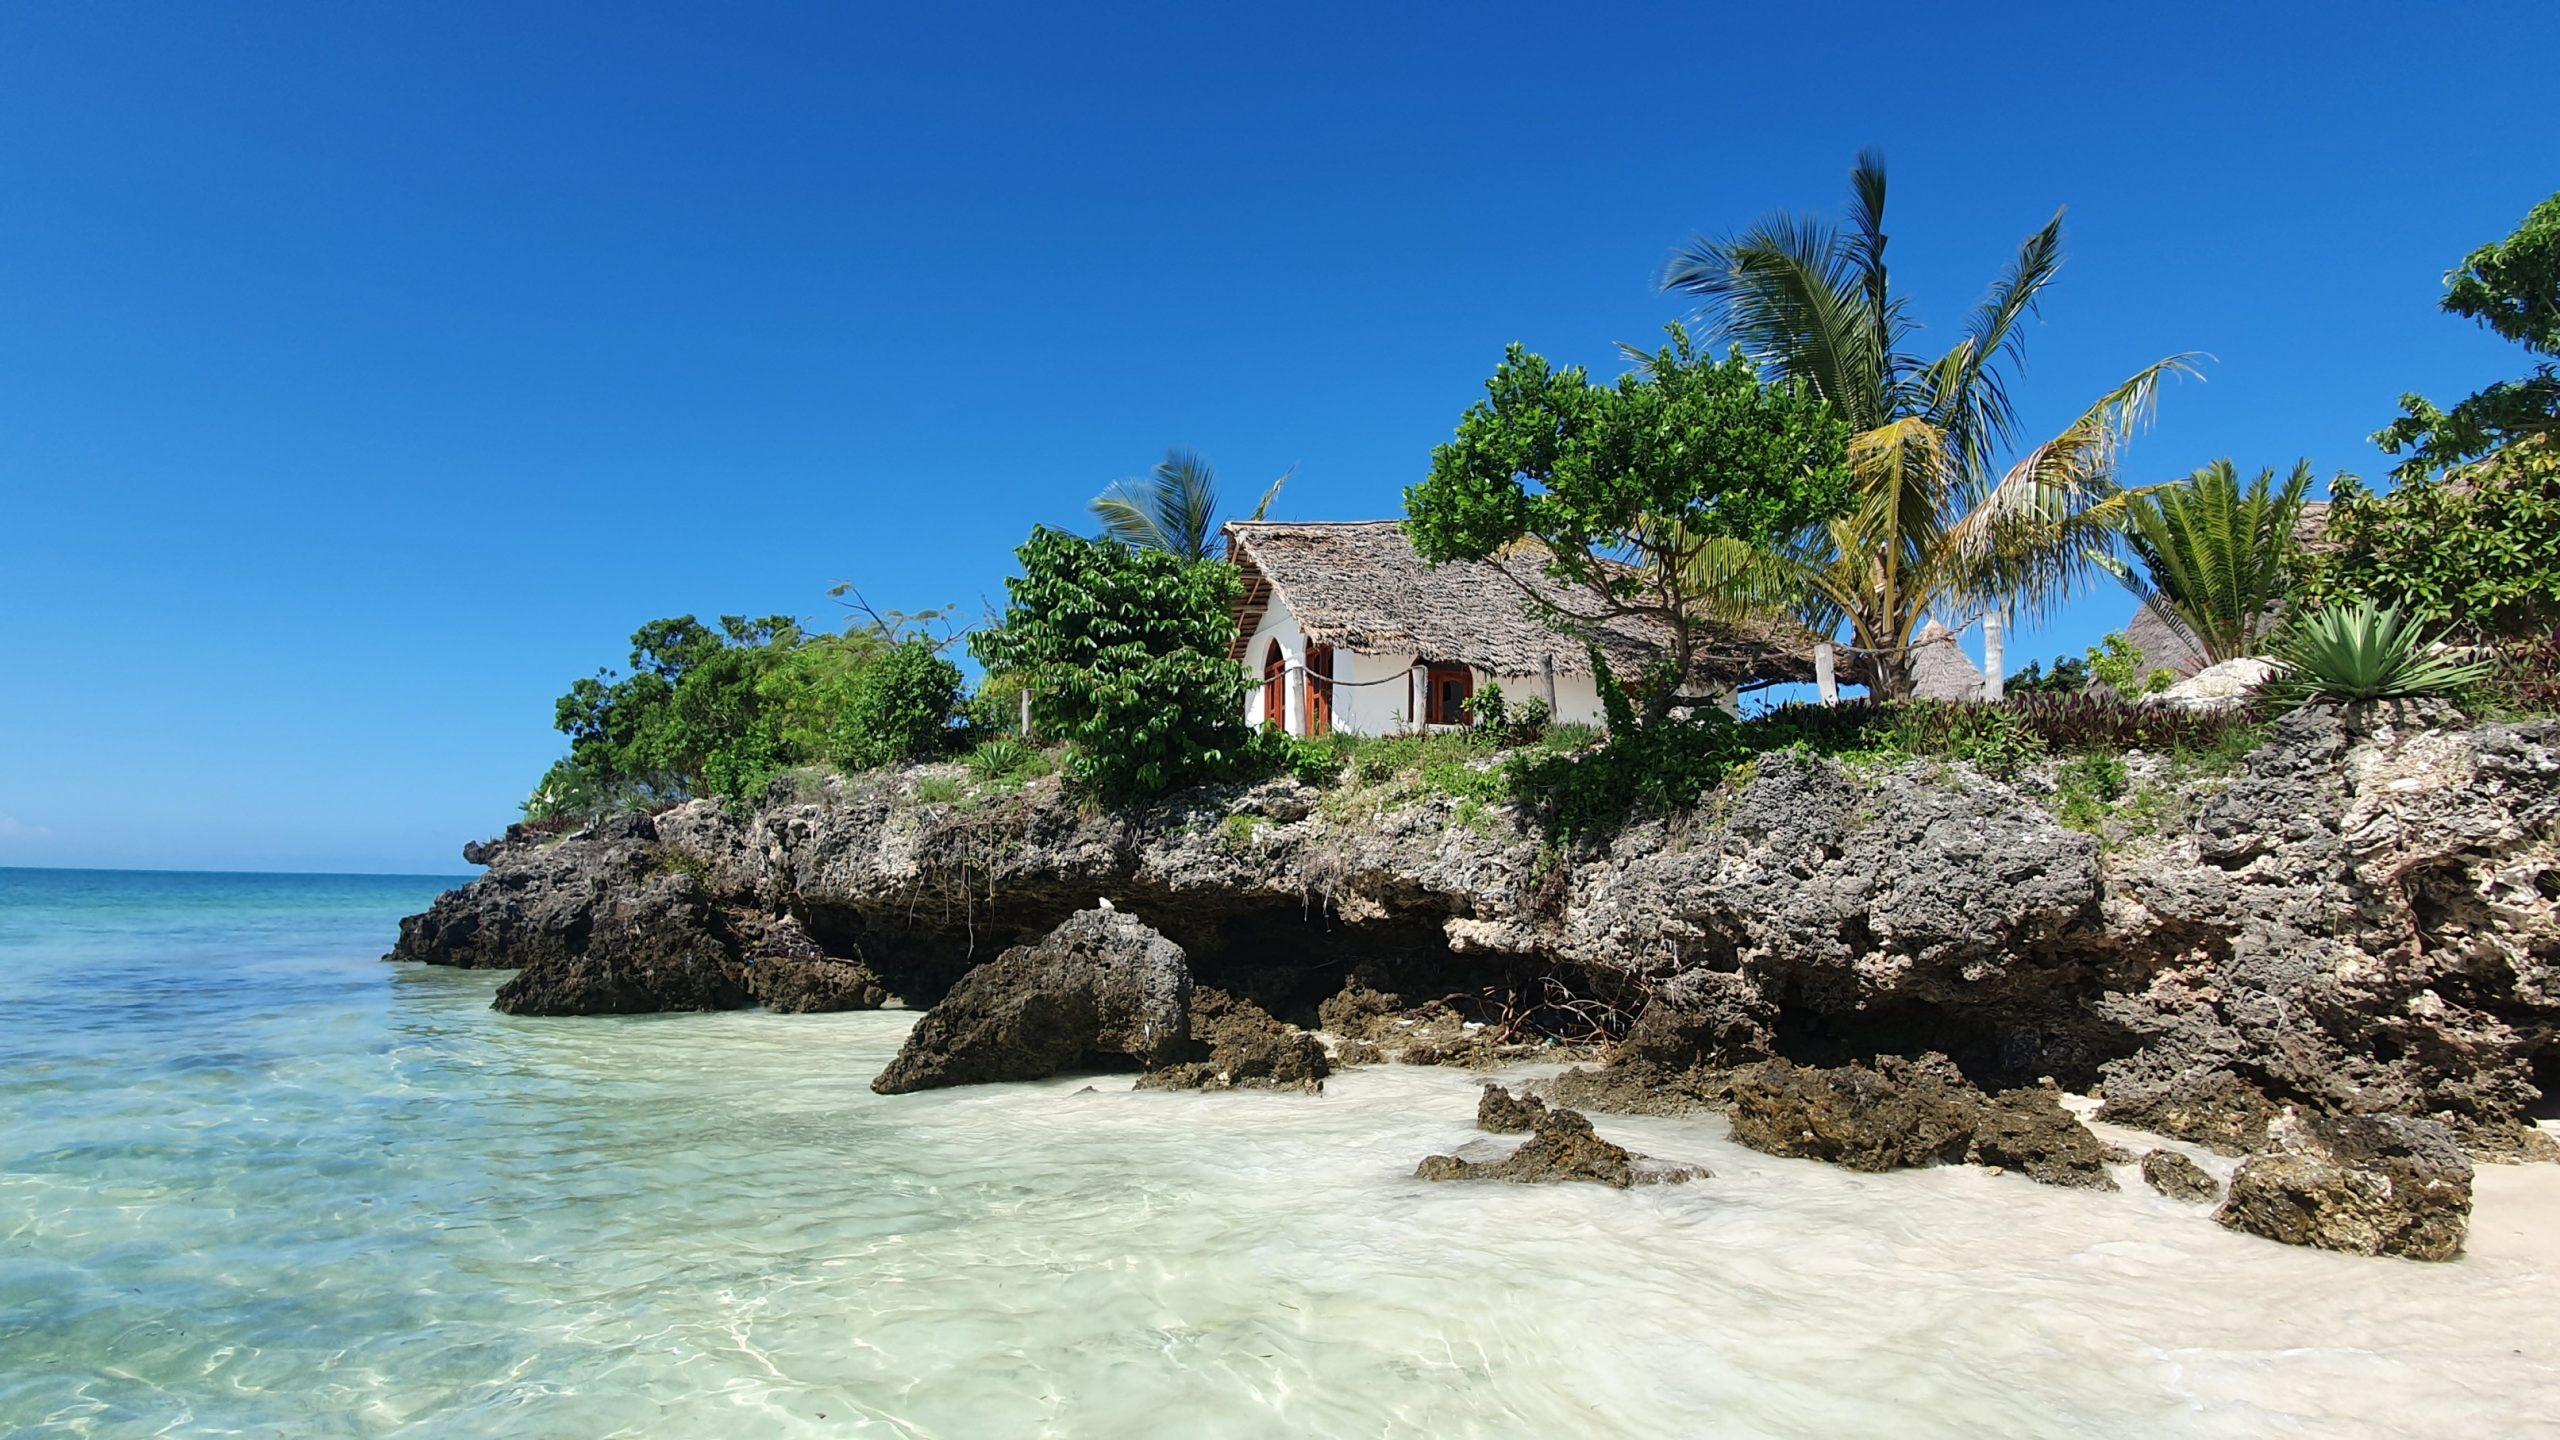 En Airbnb-bolig på Zanzibar, den tanzaniske ø er i øjeblikket mest søgte rejsemål for de danske Airbnb-profiler. Top 10-listen har to rejsemål udenfor Europa, resten er i Europa, herunder Skandinavien. Pressefoto: Airbnb.